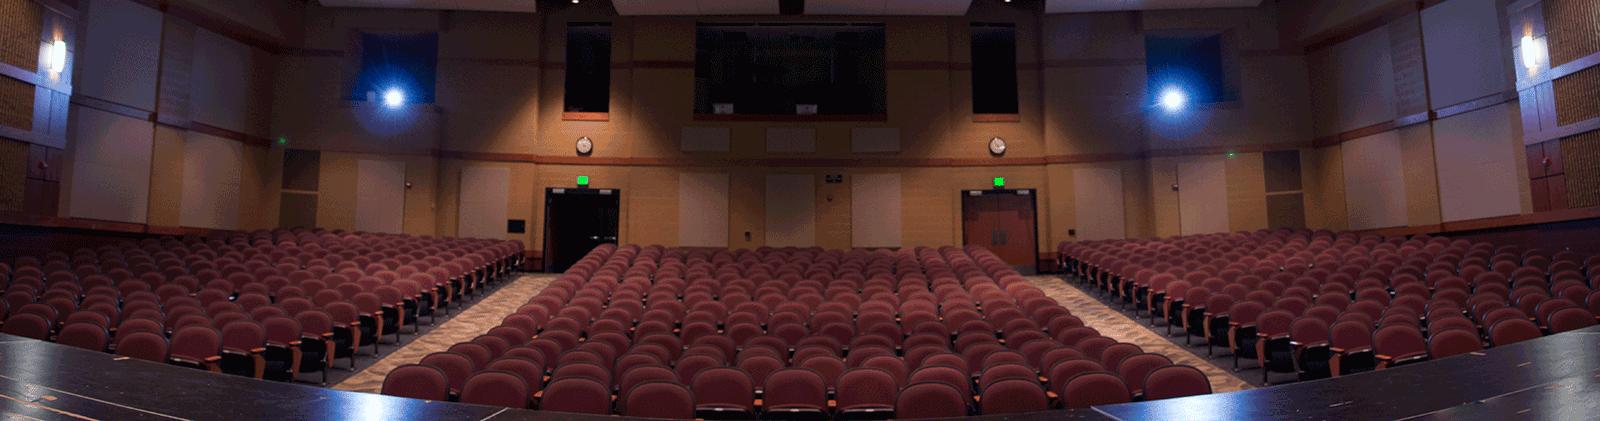 auditorium-2016-1